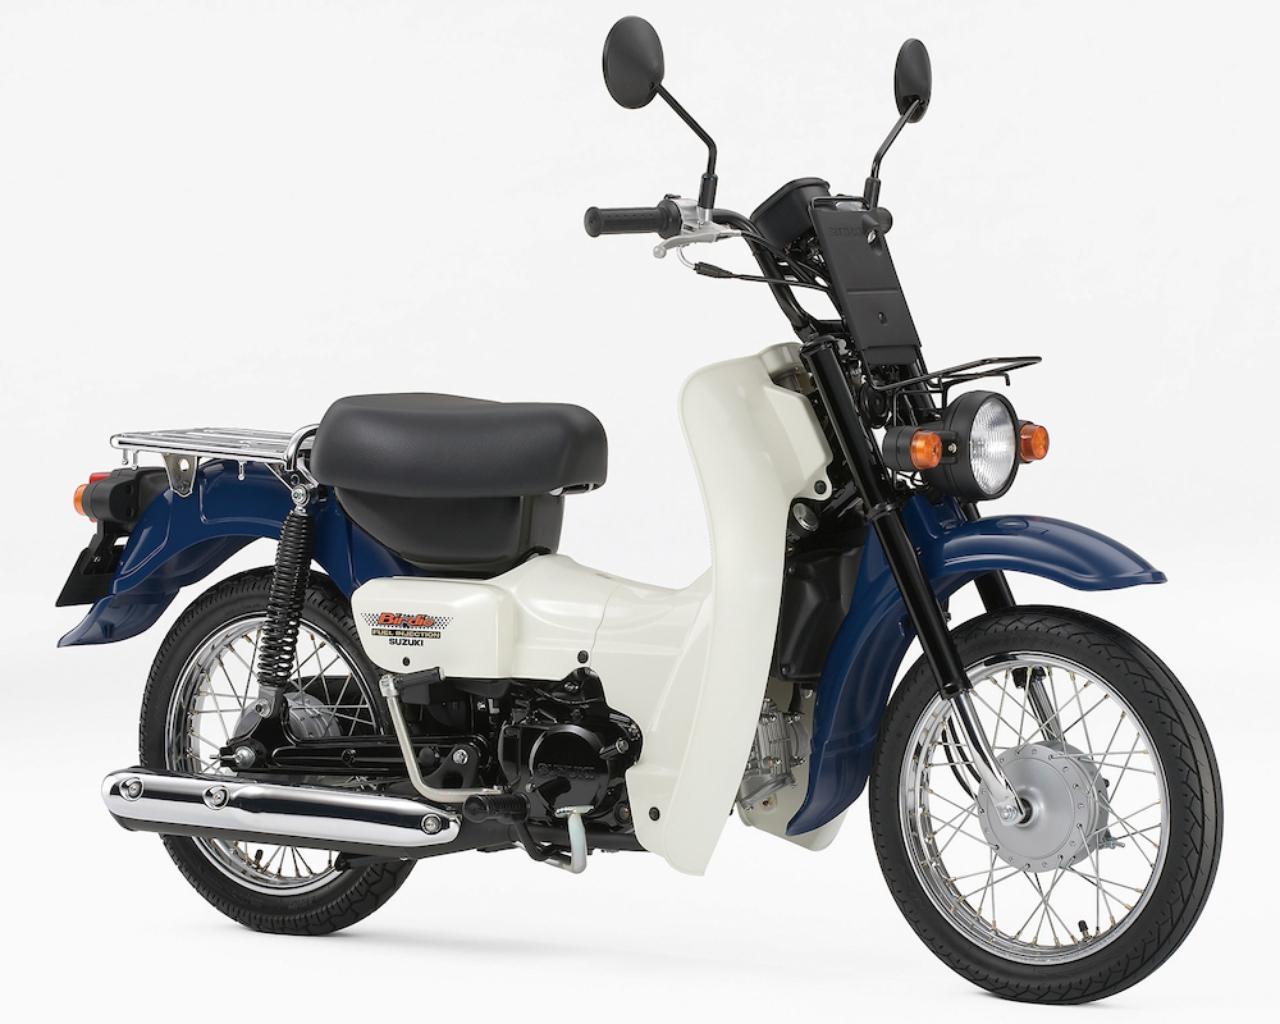 画像: S051 SUZUKI BIRDIE50/セル/新聞 ■価格:21万600円/22万1400円/22万7880円 アンダーボーン構造による低重心の車体が業務用途での使い勝手が良好なビジネスバイクのバーディ。エンジンは粘り強く扱いやすく、低燃費で信頼性が高い点でも評価されている。